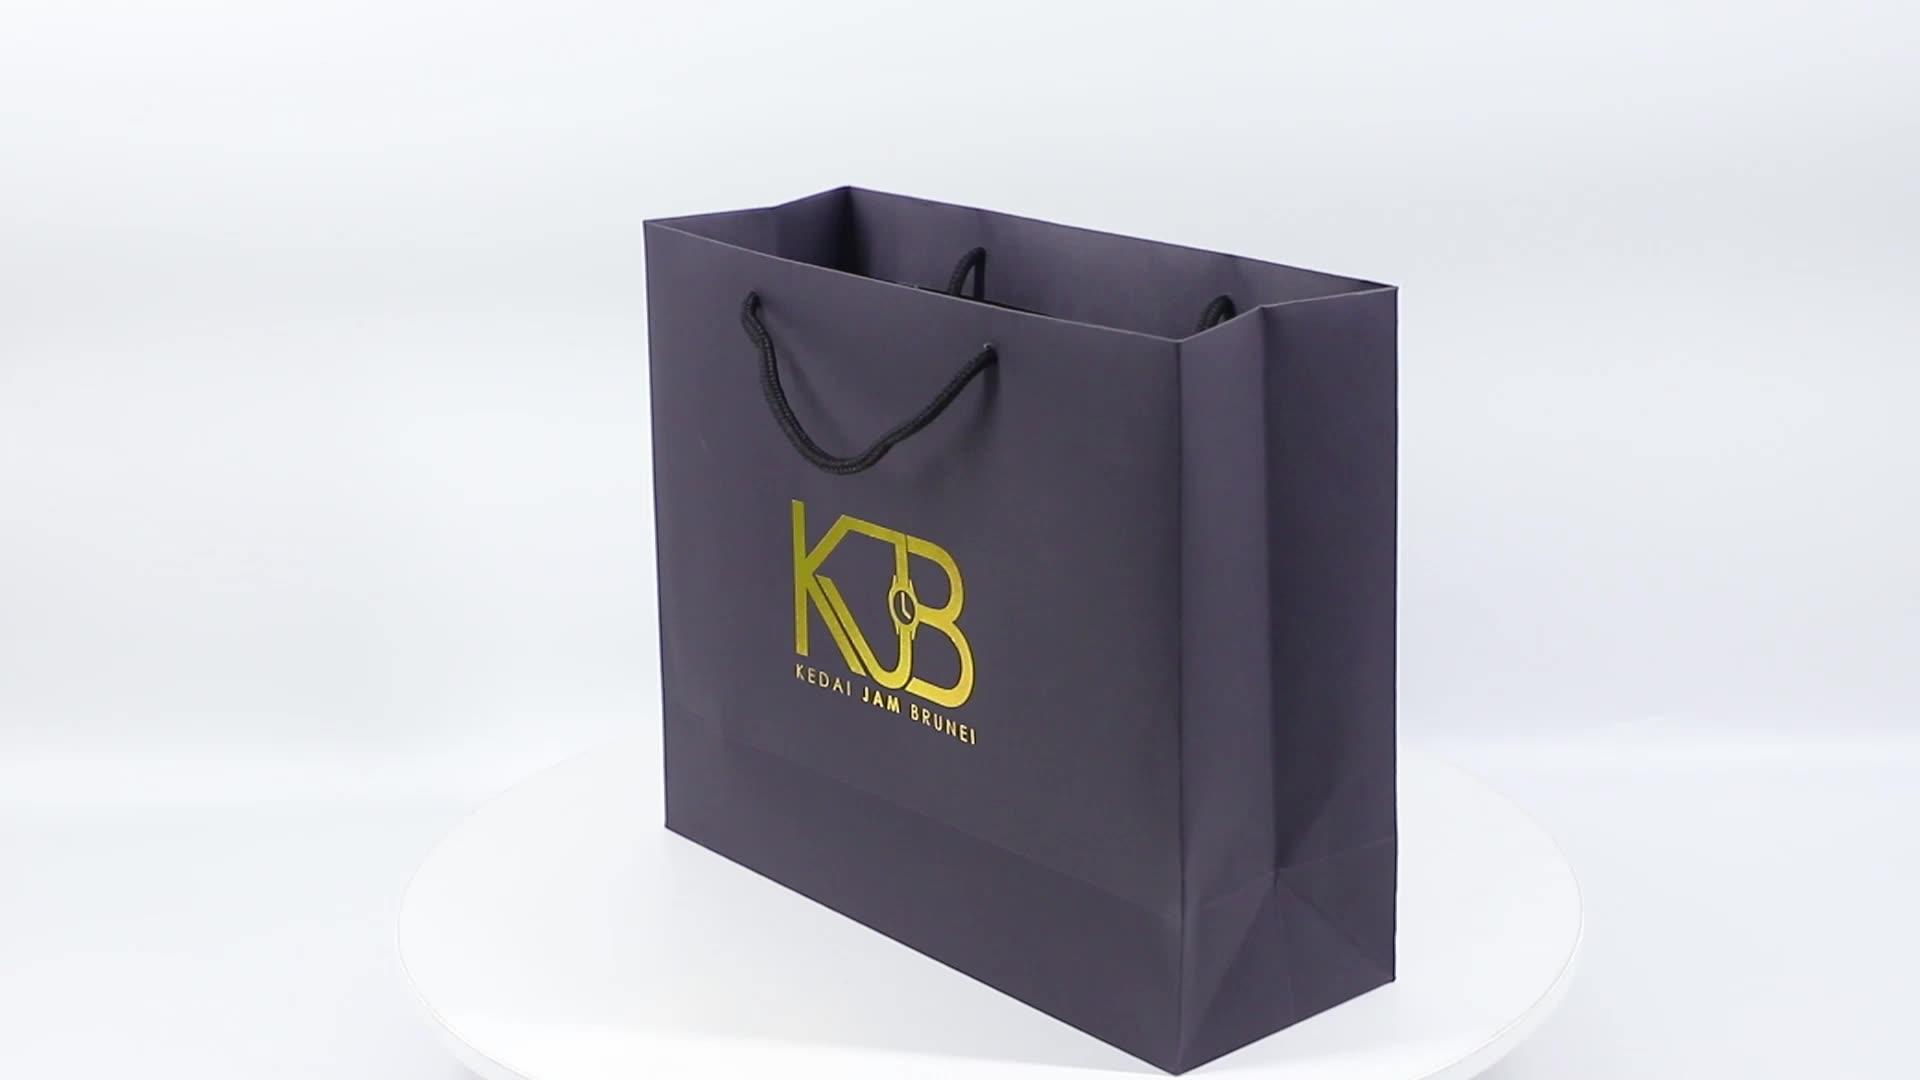 Yeni Altın Logo Sıcak Folyo Damgalama Siyah Mat Kraft Kağıt Torba Pamuk Halat Kolları Ile